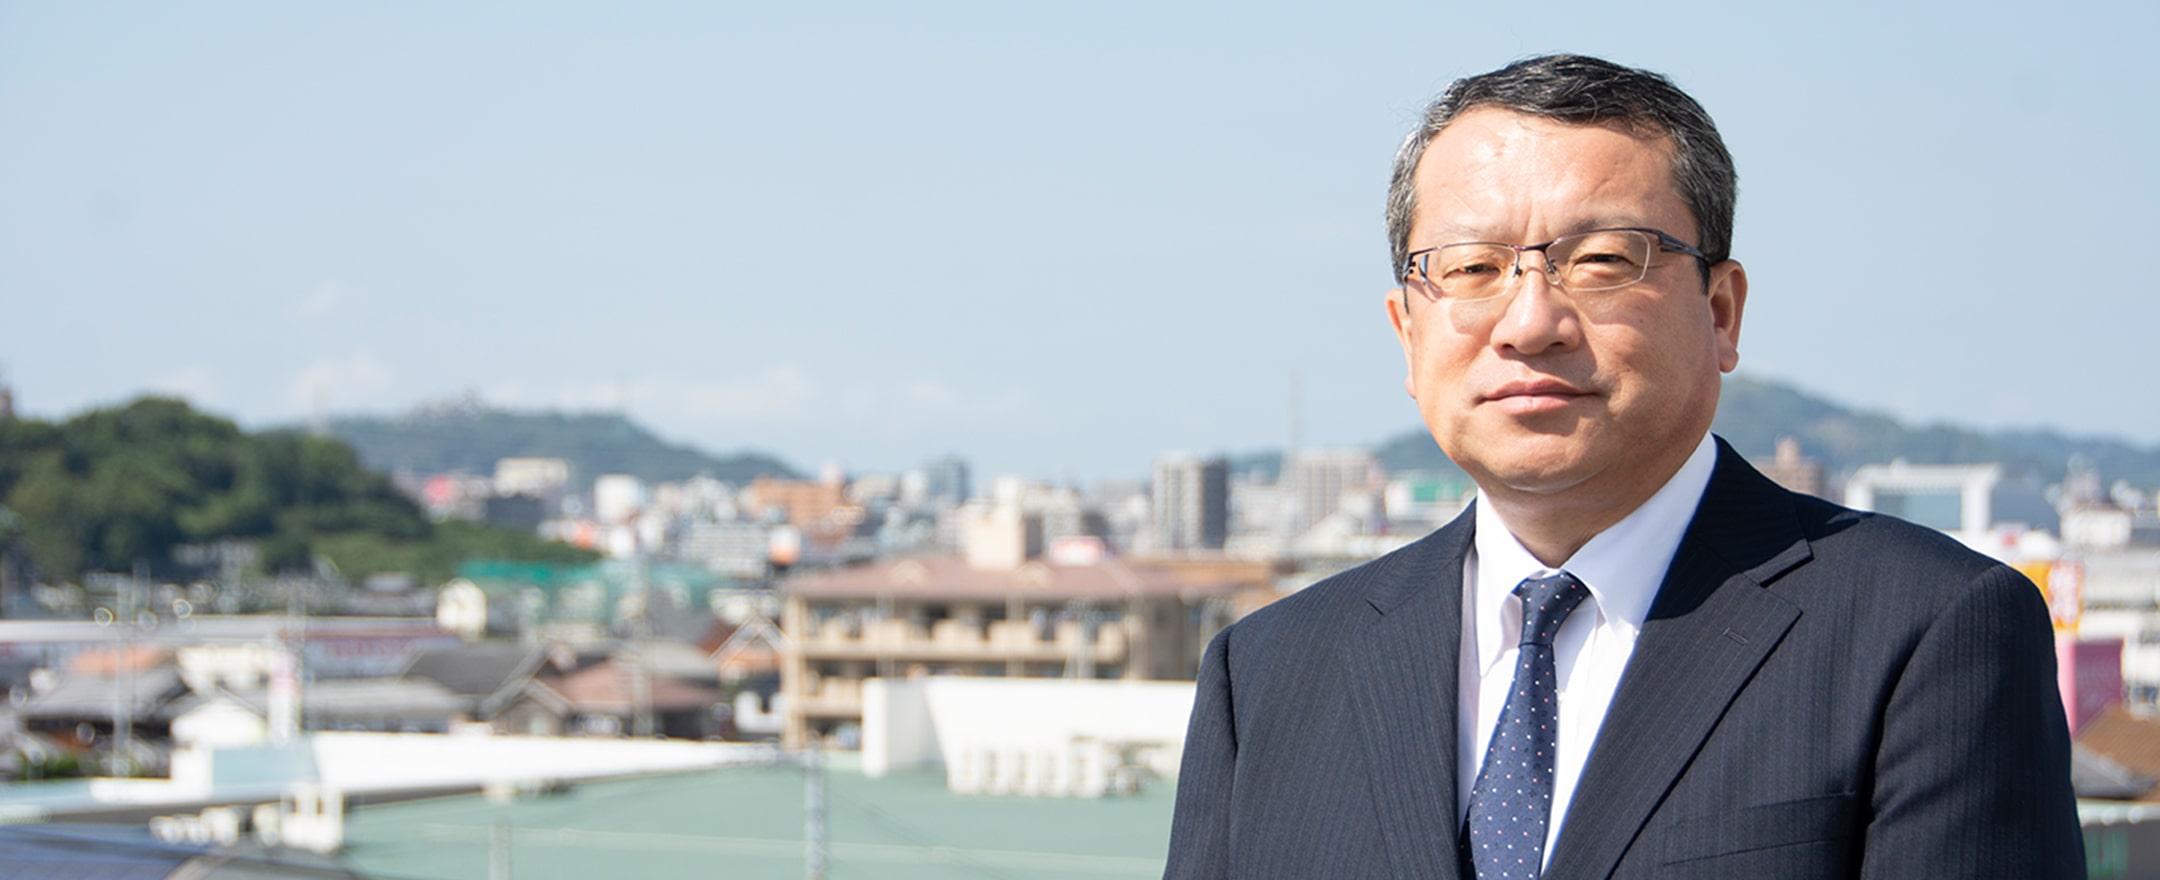 イメージ:代表取締役 大西 知人